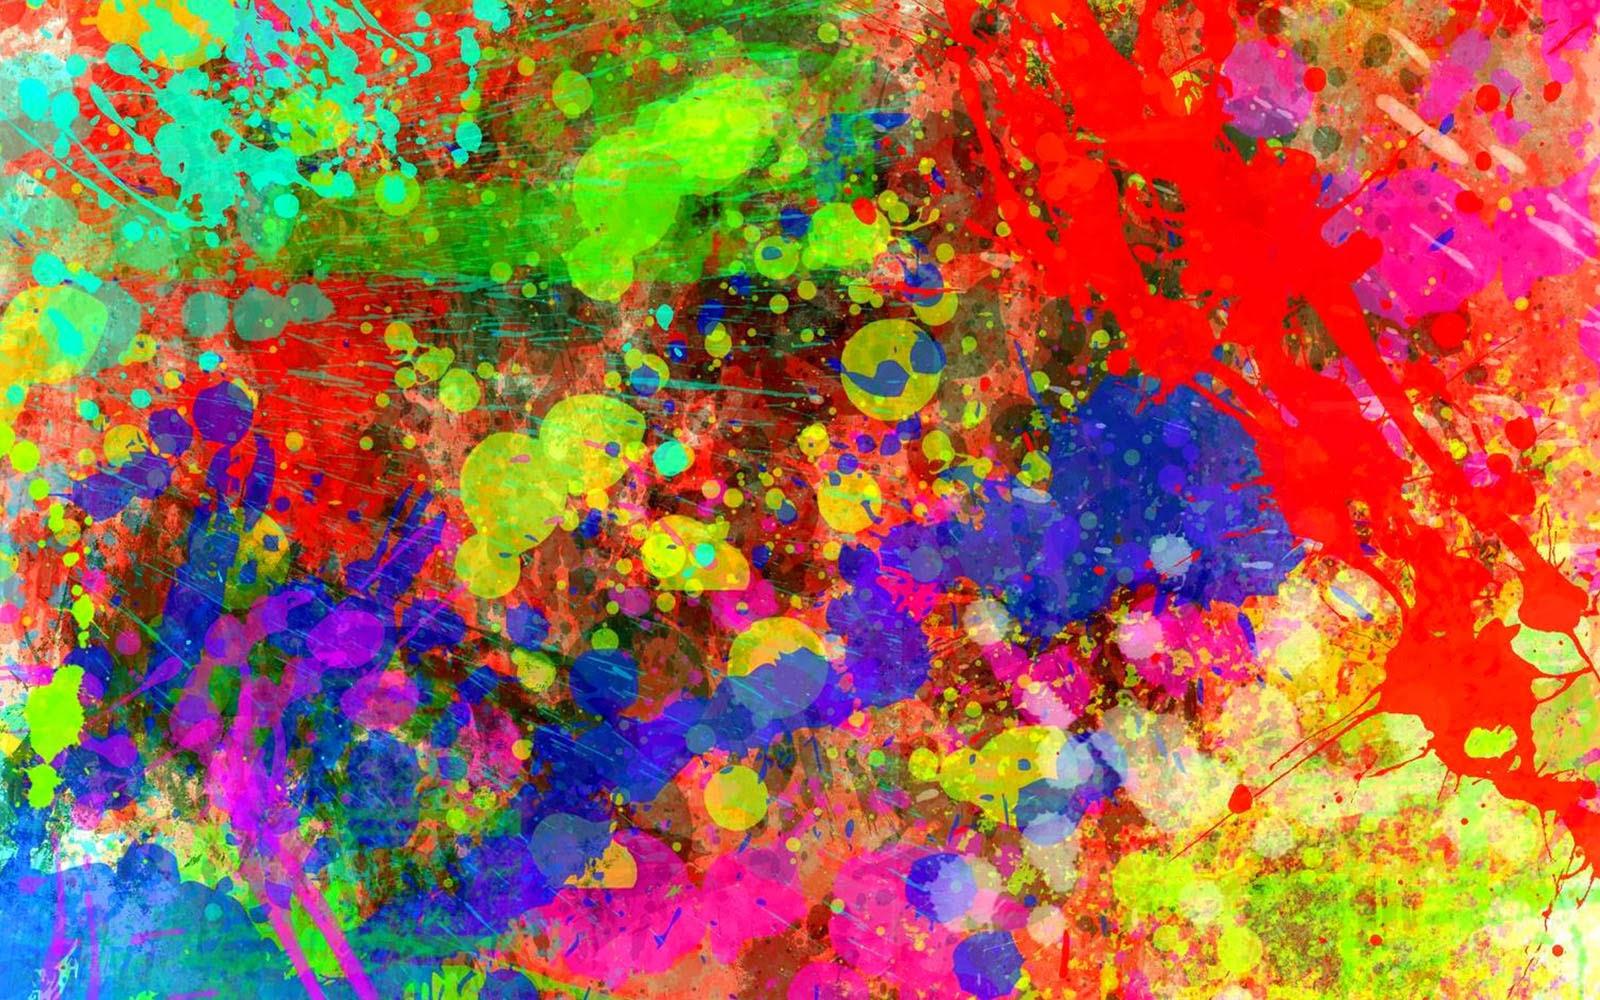 Iphone wallpaper blur - Color Splash Wallpaper Hd Wallpapersafari